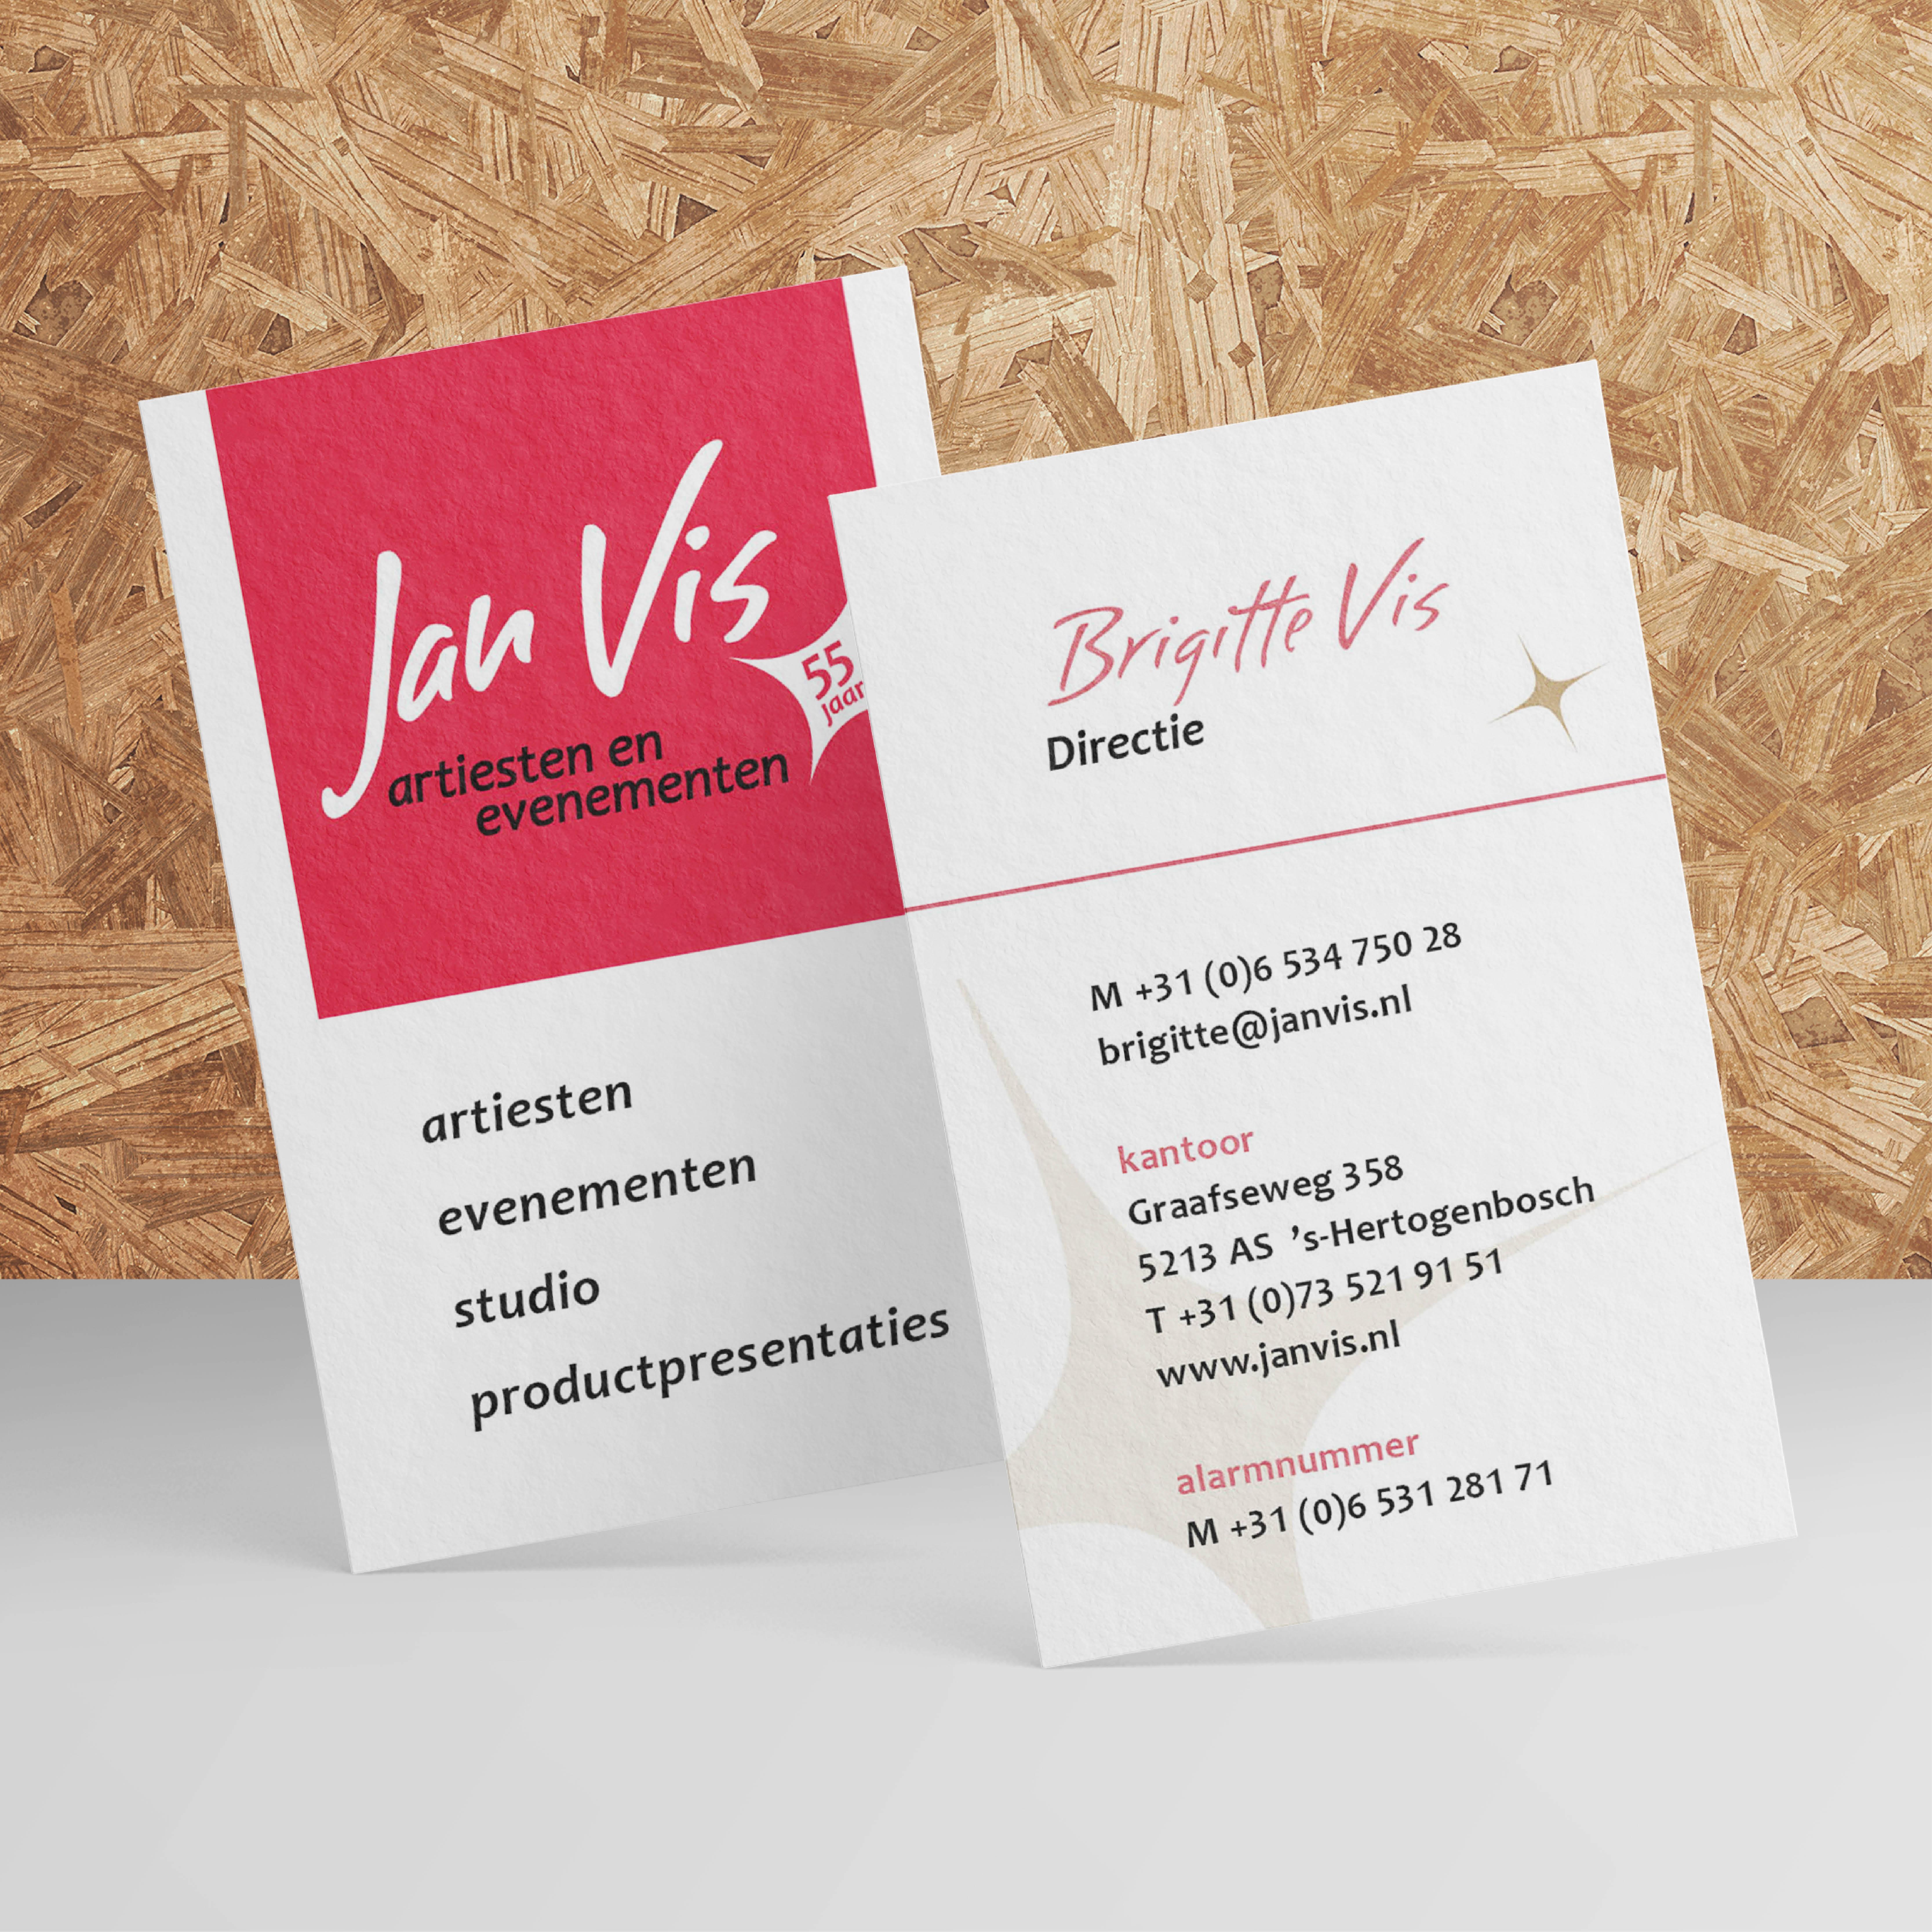 JV_vis